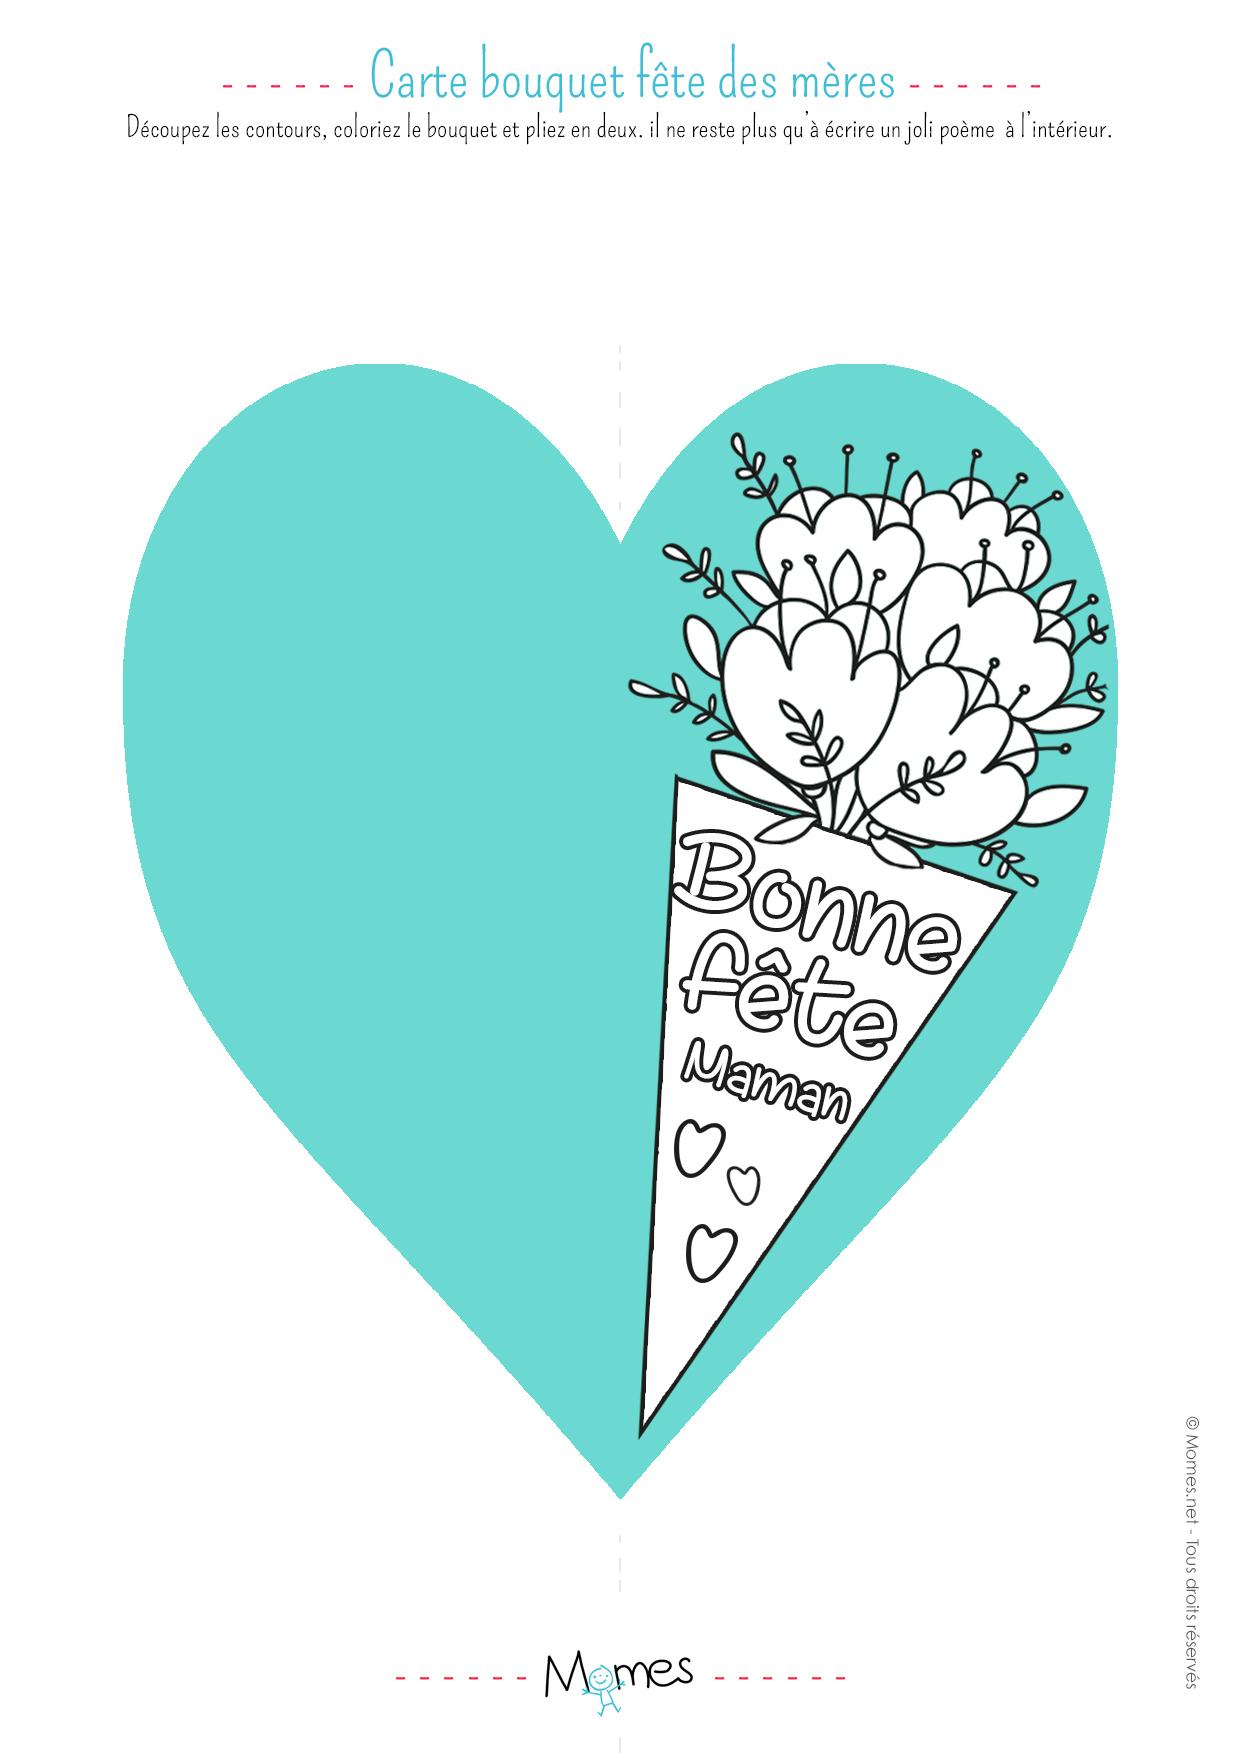 Carte Fête Des Mères À Imprimer - Momes concernant Carte Bonne Fete Maman A Imprimer